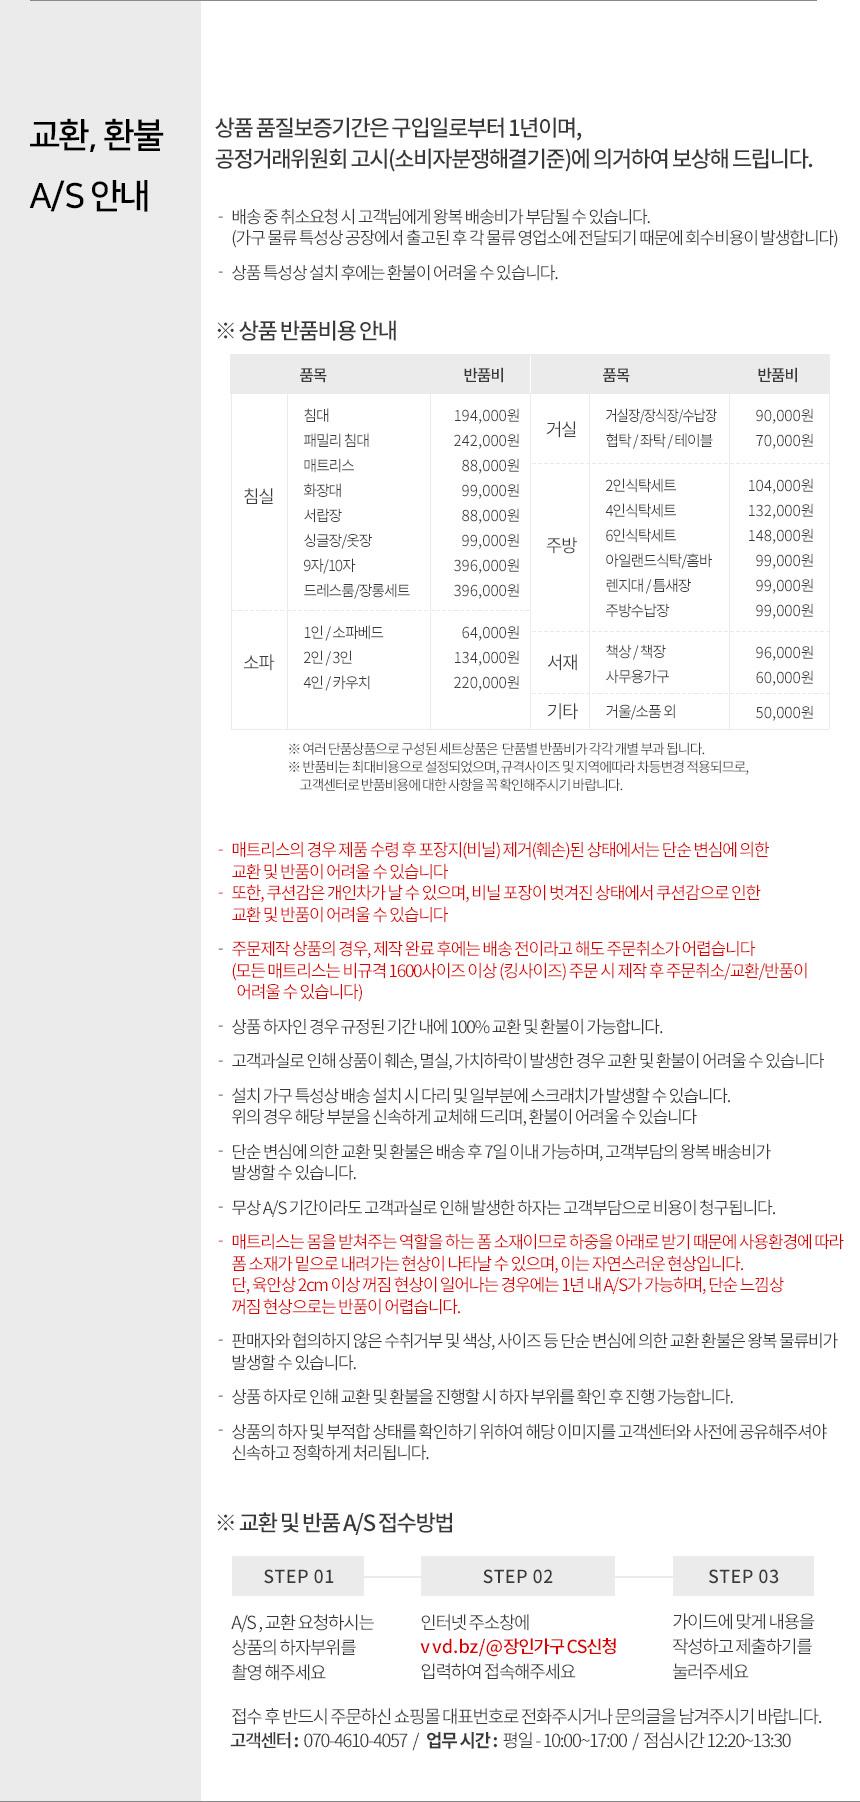 as-info.jpg